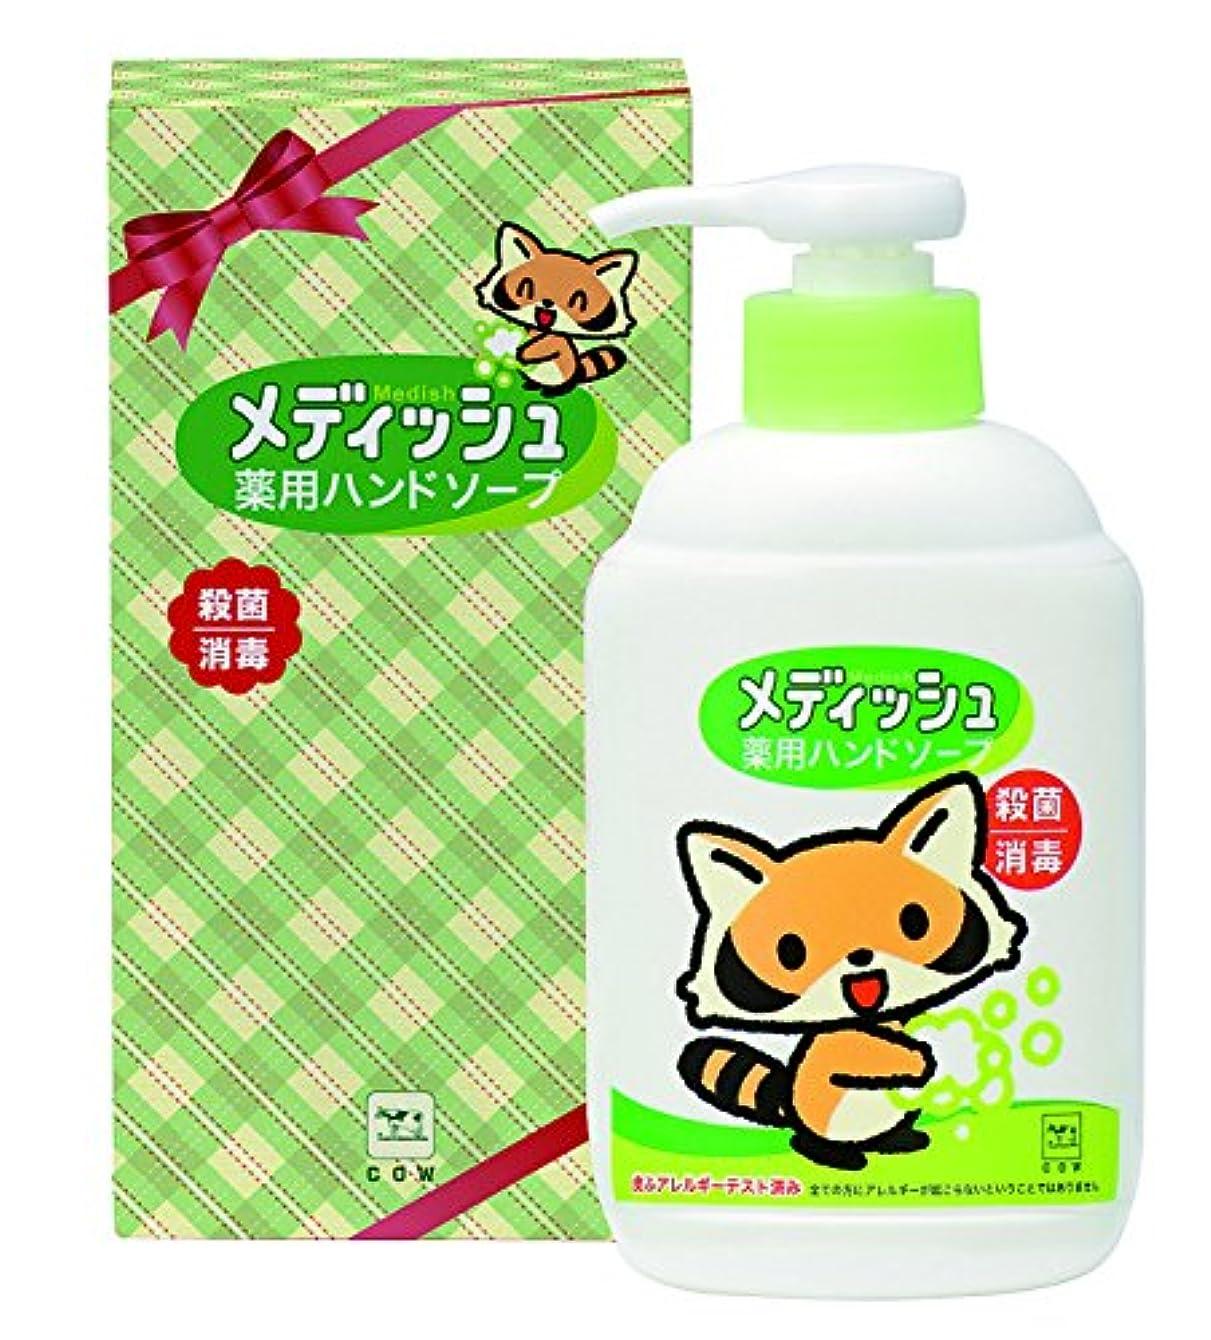 期待する速いレール牛乳石鹸 メディッシュ 薬用ハンドソープ 250mlMS35